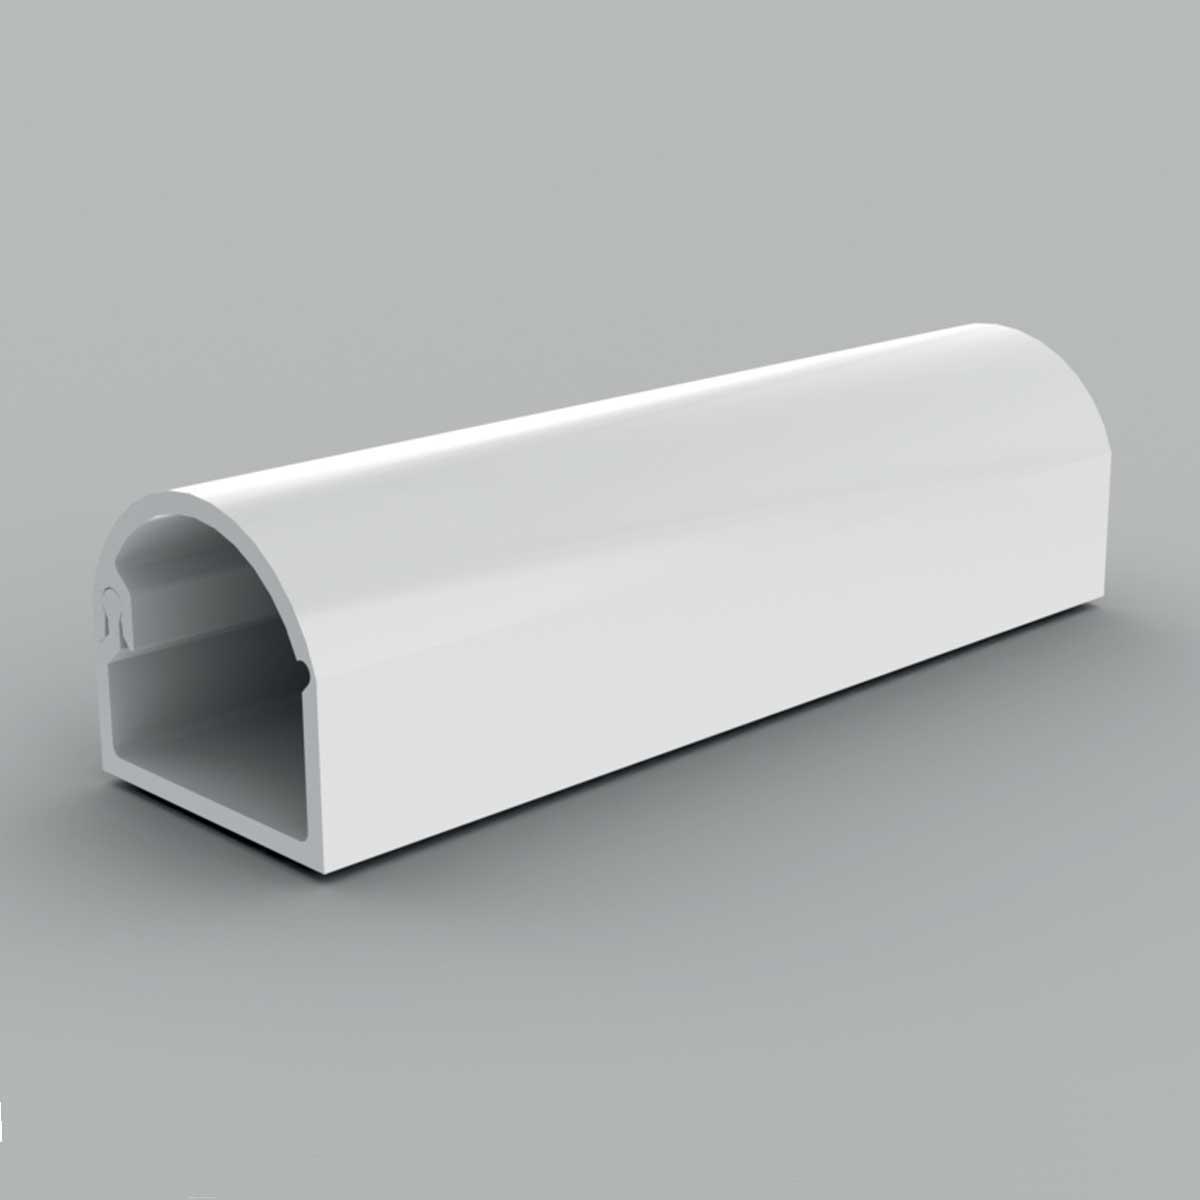 Кабельний канал з ПВХ білого кольору 15х12мм; закруглена кришка; Серія LZ; ПВХ